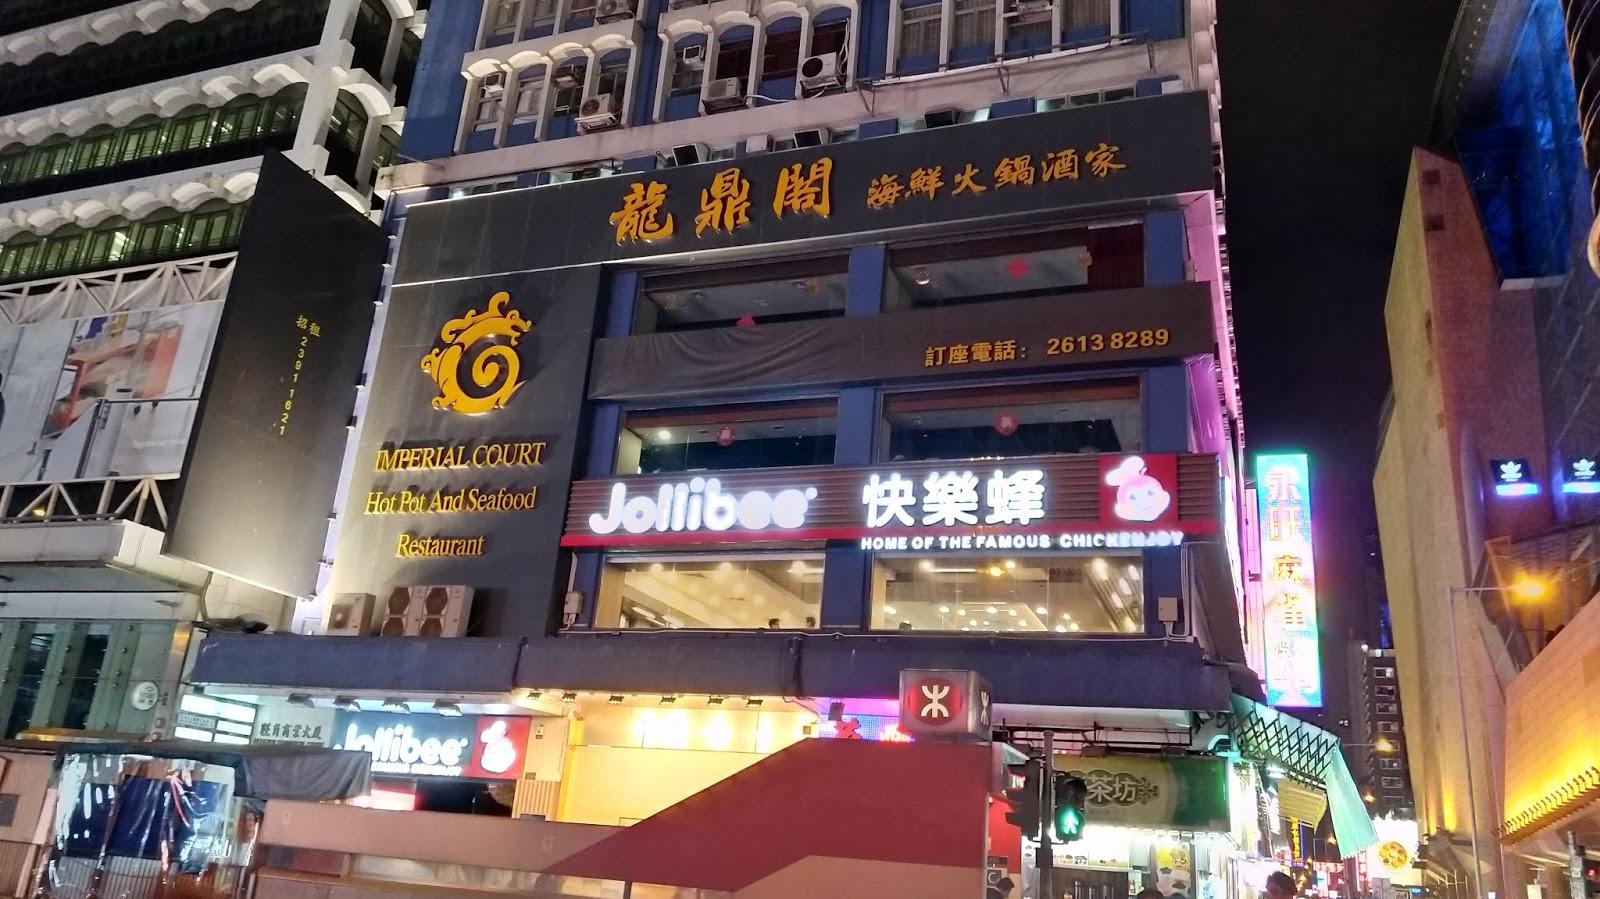 不良猴的網路星球: 香港jollibee快樂蜂旺角店 C3 1件樂脆雞配指定美食套餐